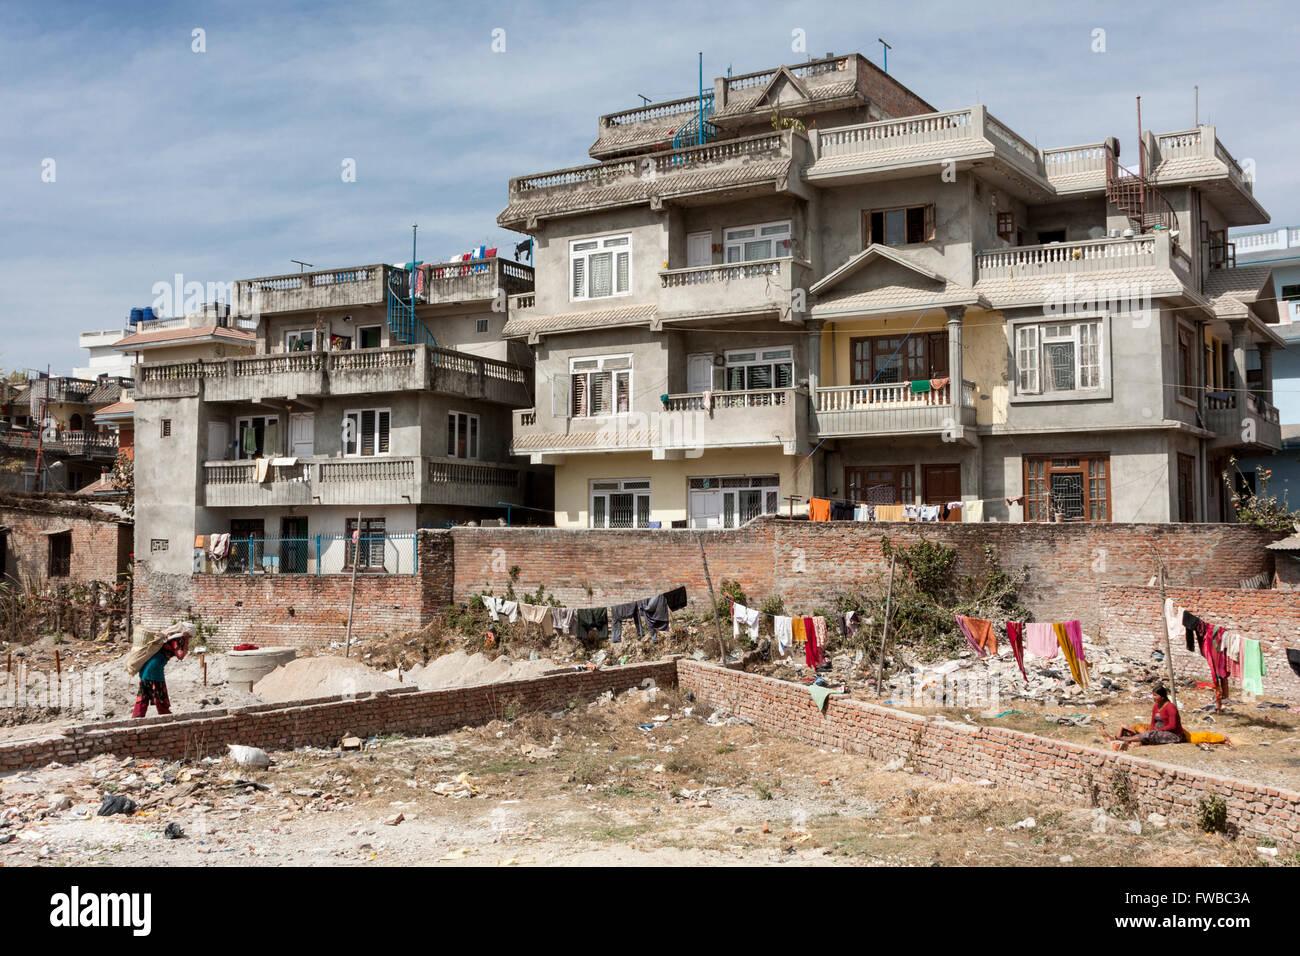 Bodhnath, Nepal.  New Multi-storied Housing. - Stock Image